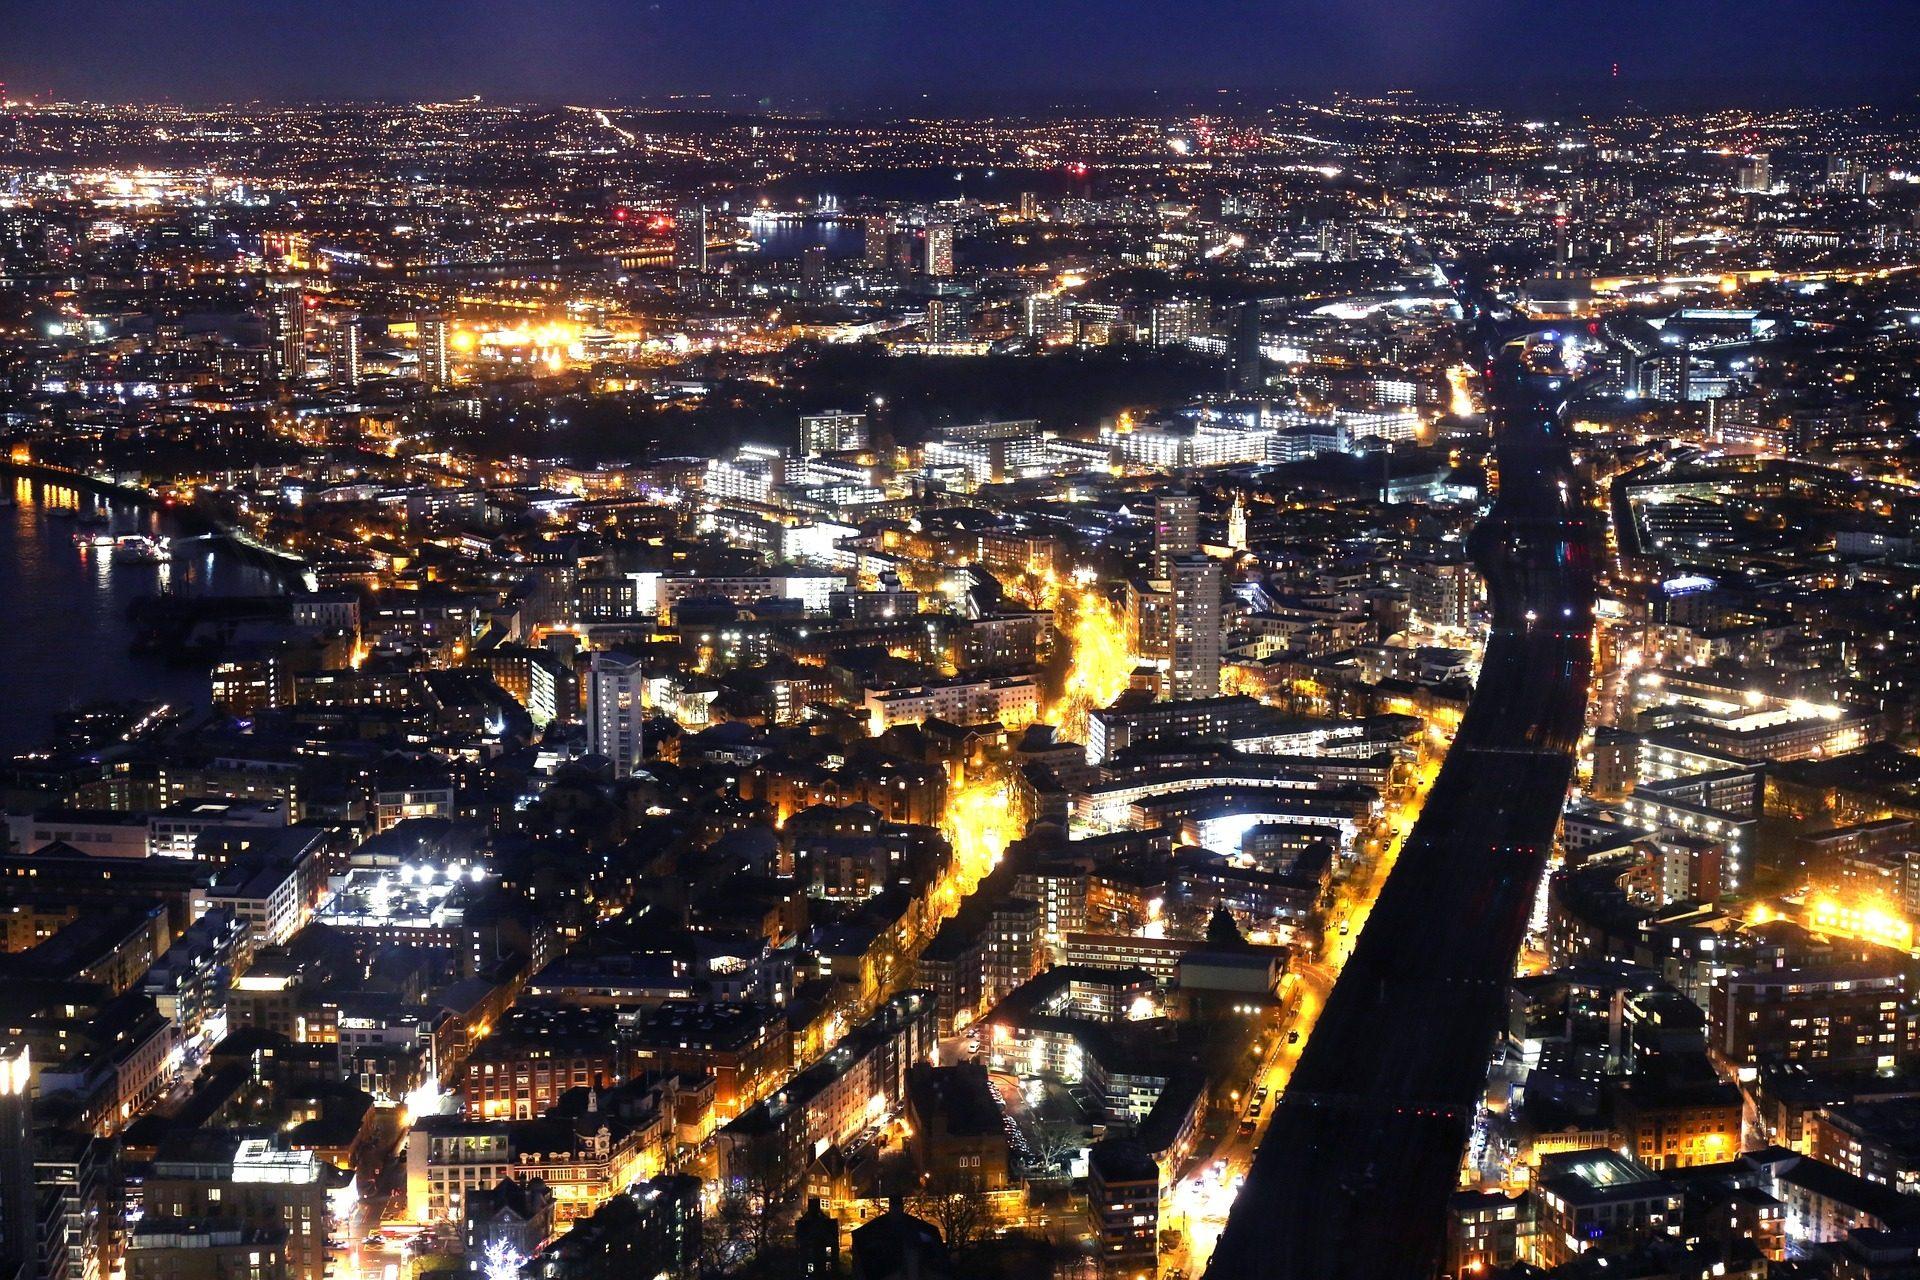 Cidade, à noite, luzes, ruas, edifícios, Londres - Papéis de parede HD - Professor-falken.com